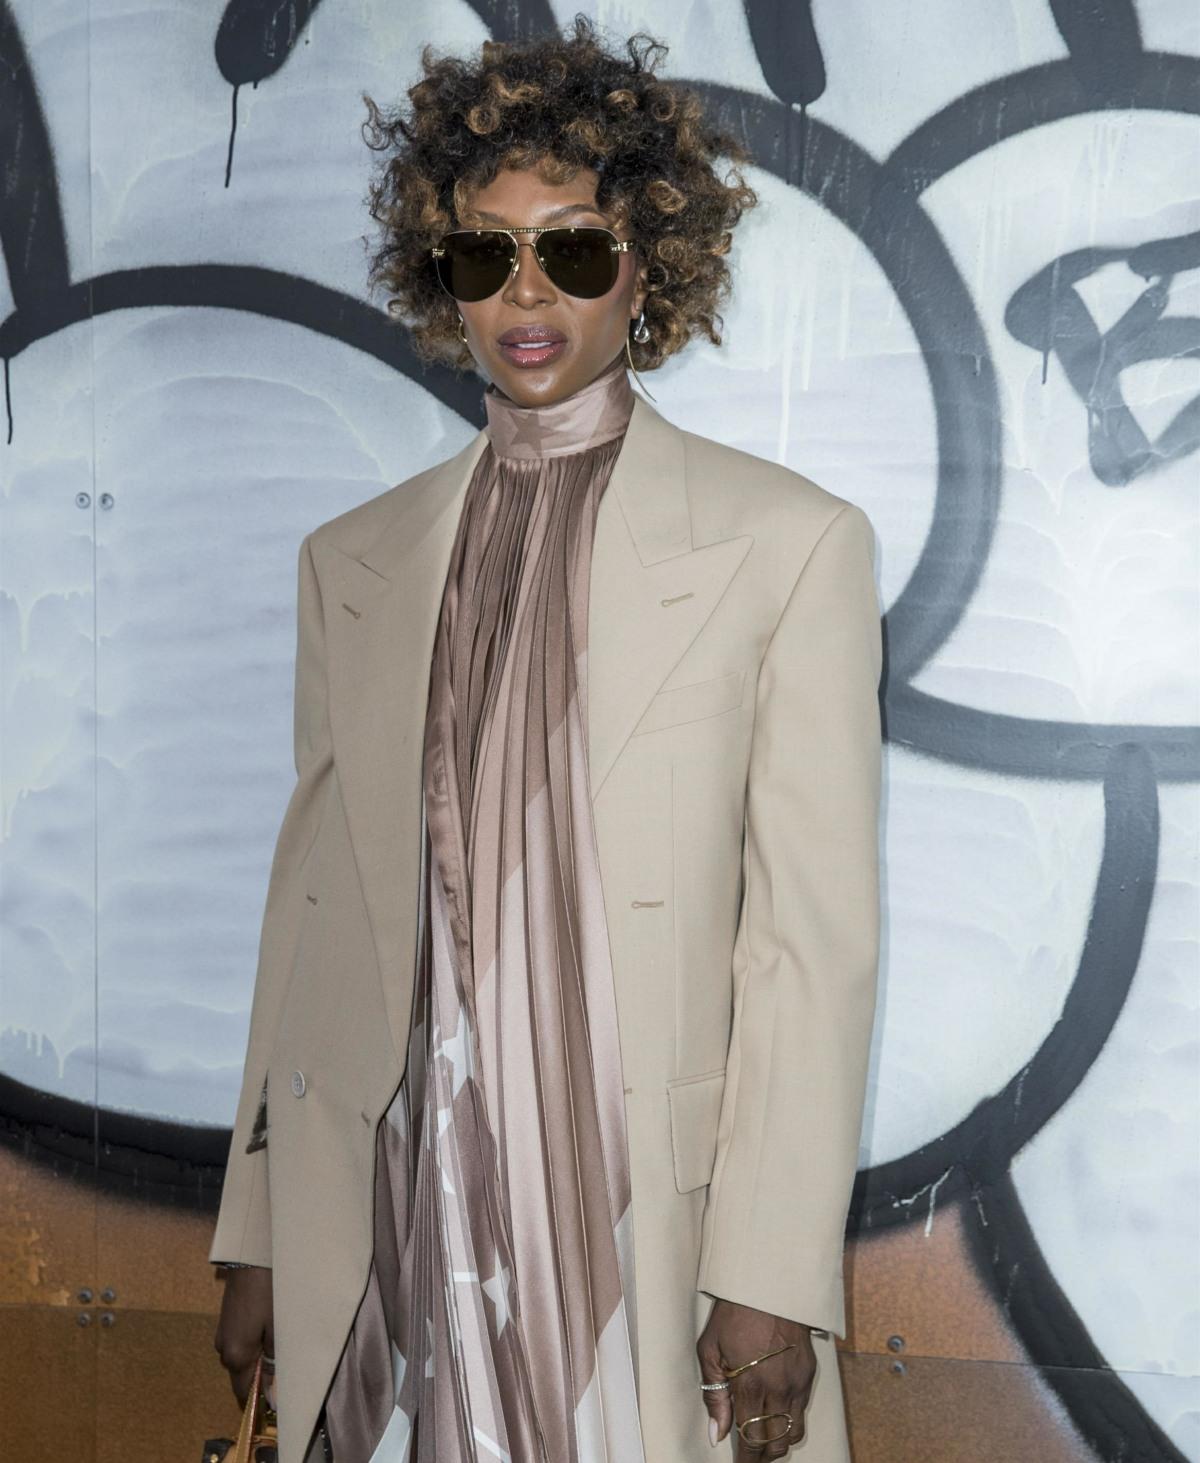 Sfilata di moda uomo Louis Vuitton